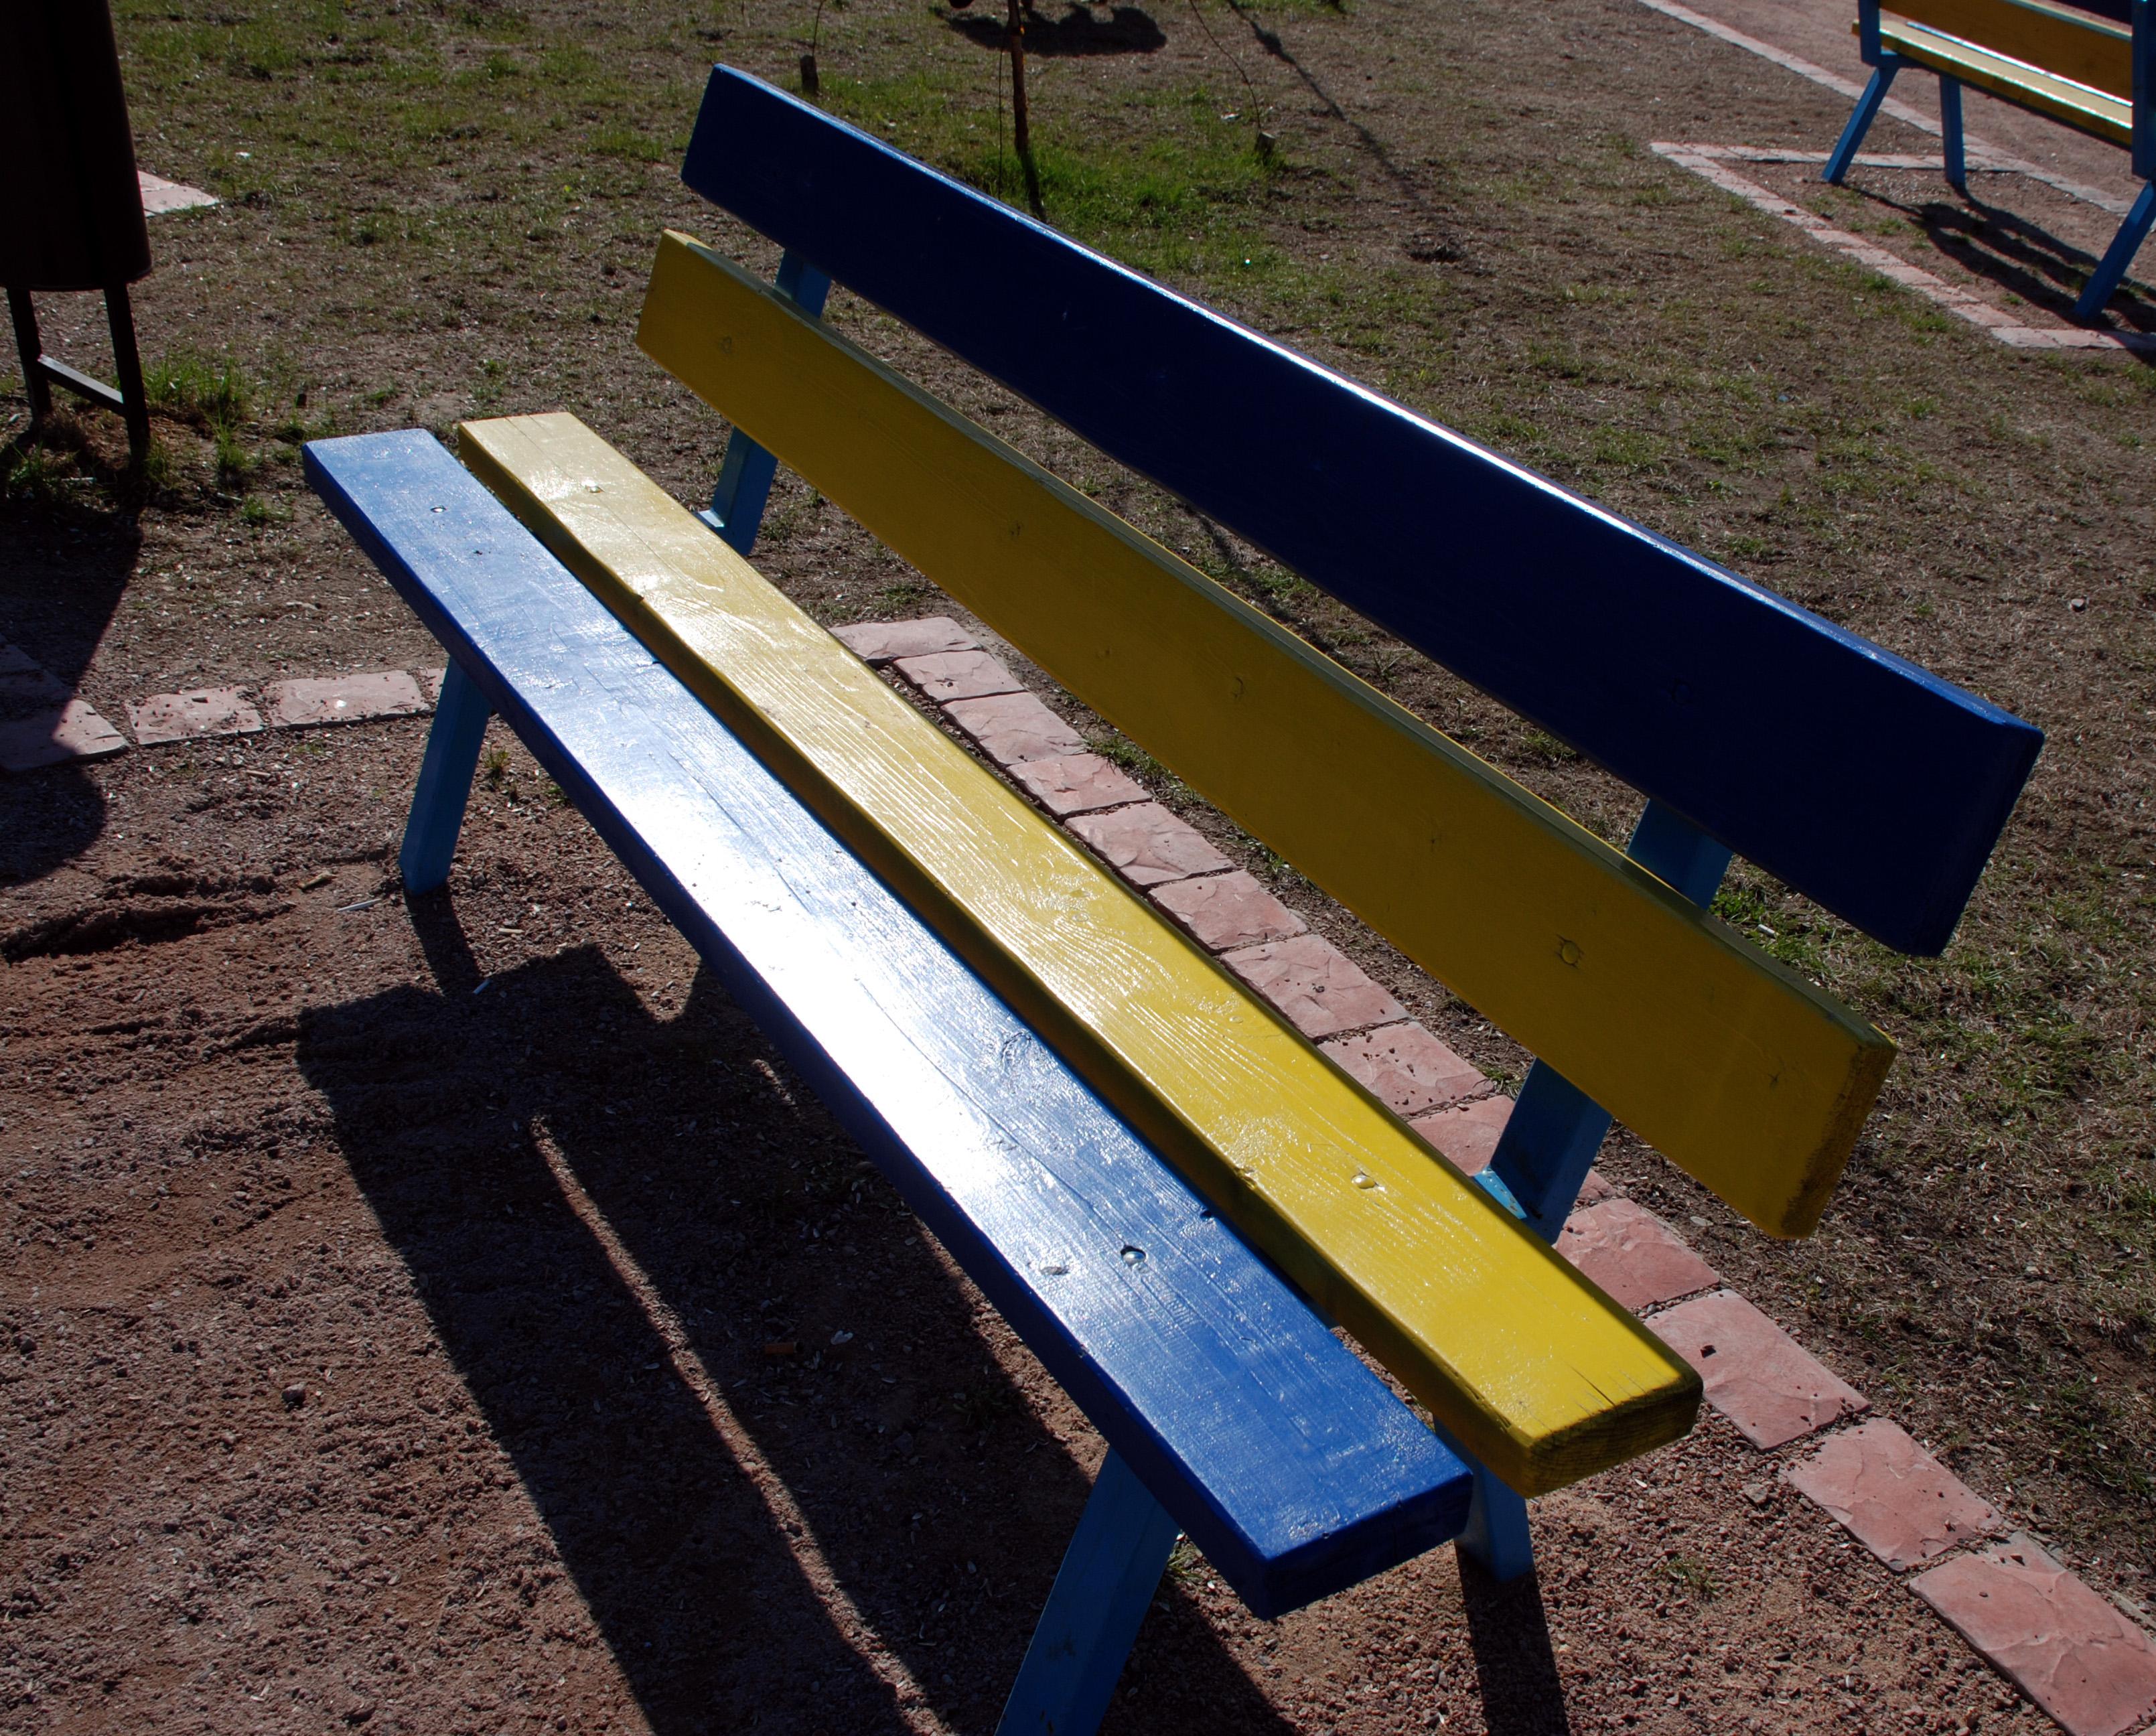 Fotos gratis : mesa, ala, madera, banco, ciudad, Nikon, mueble ...